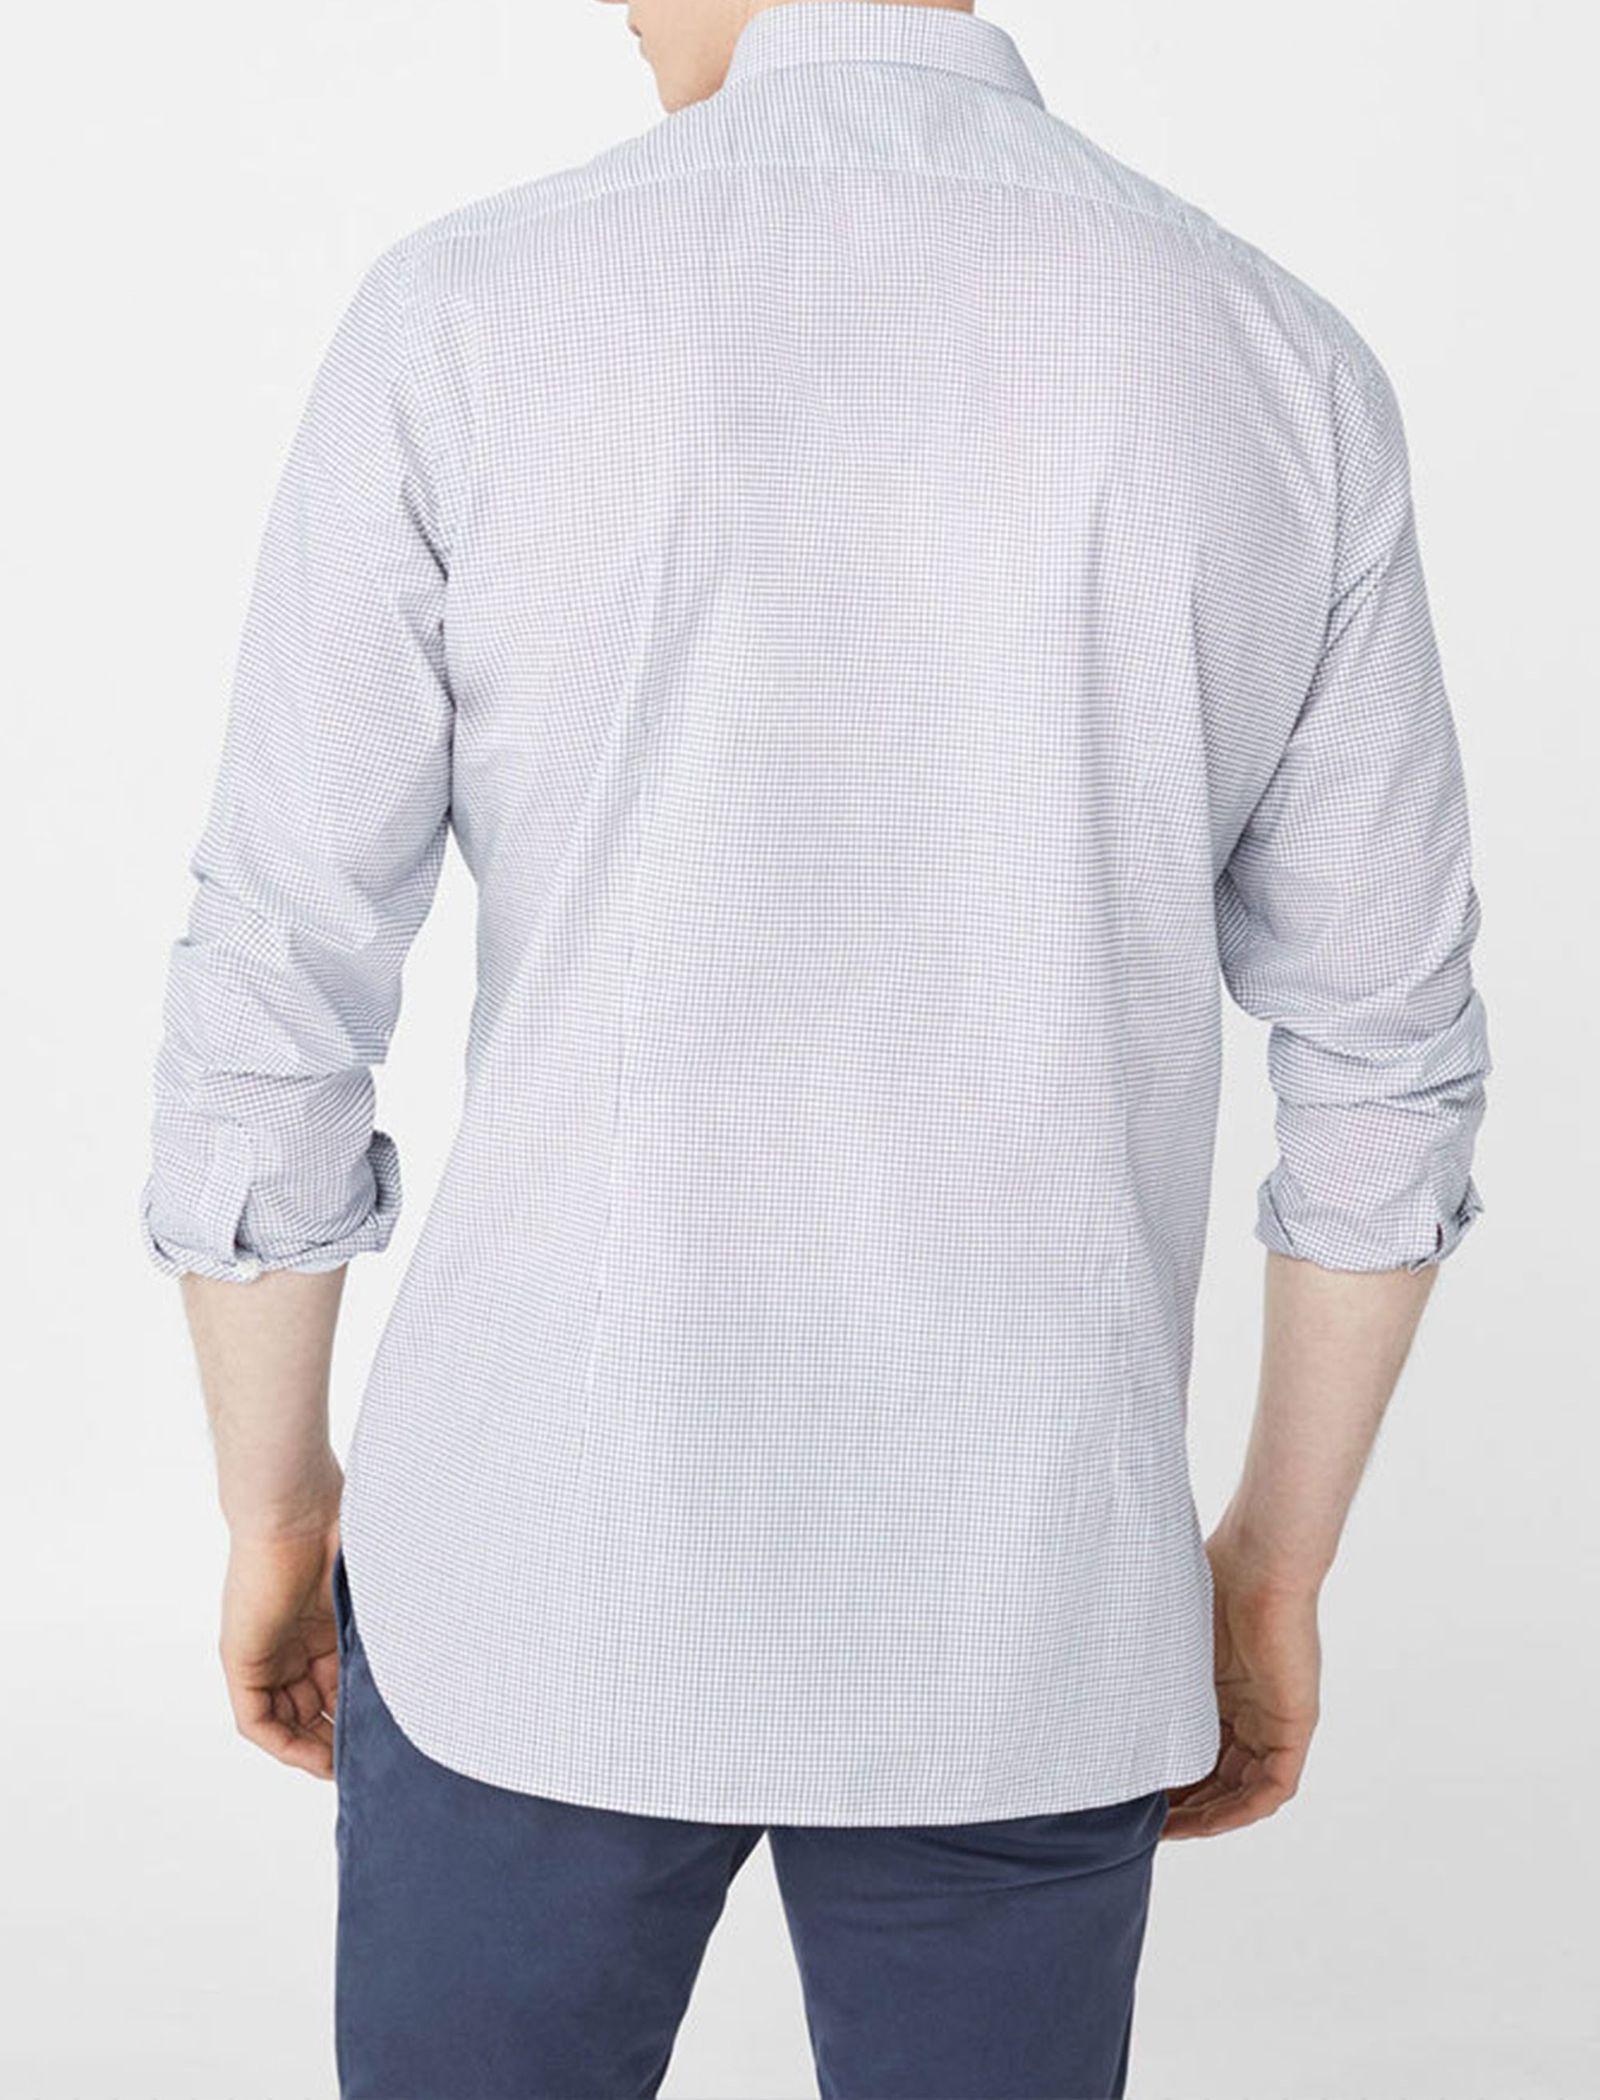 پیراهن آستین بلند مردانه - مانگو - سفيد و آبي - 1